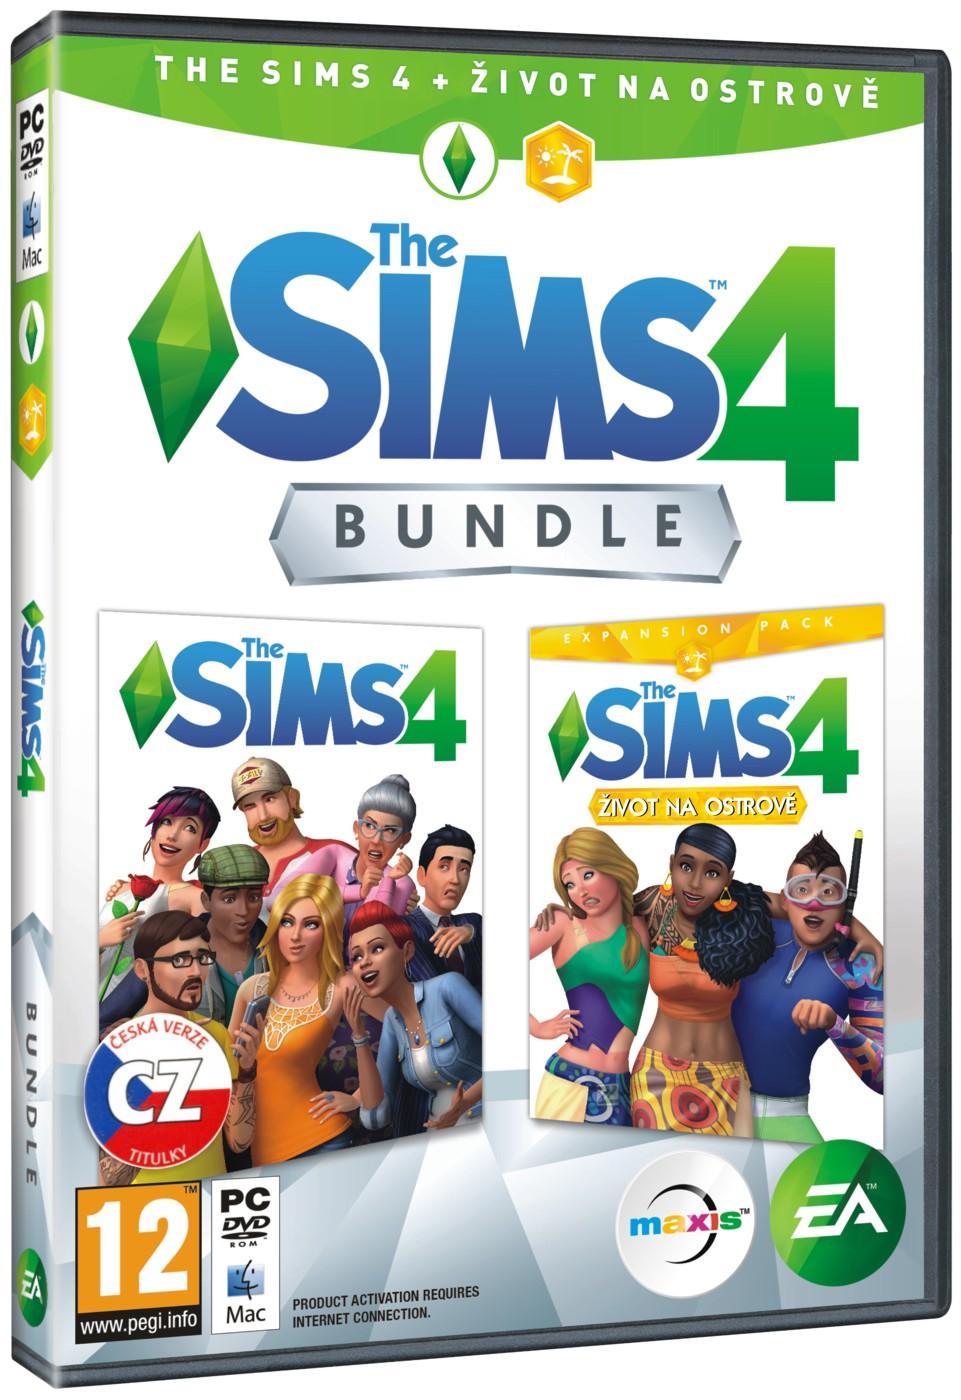 The Sims 4 + Život na ostrově BUNDLE (základní hra + rozšíření) - PC